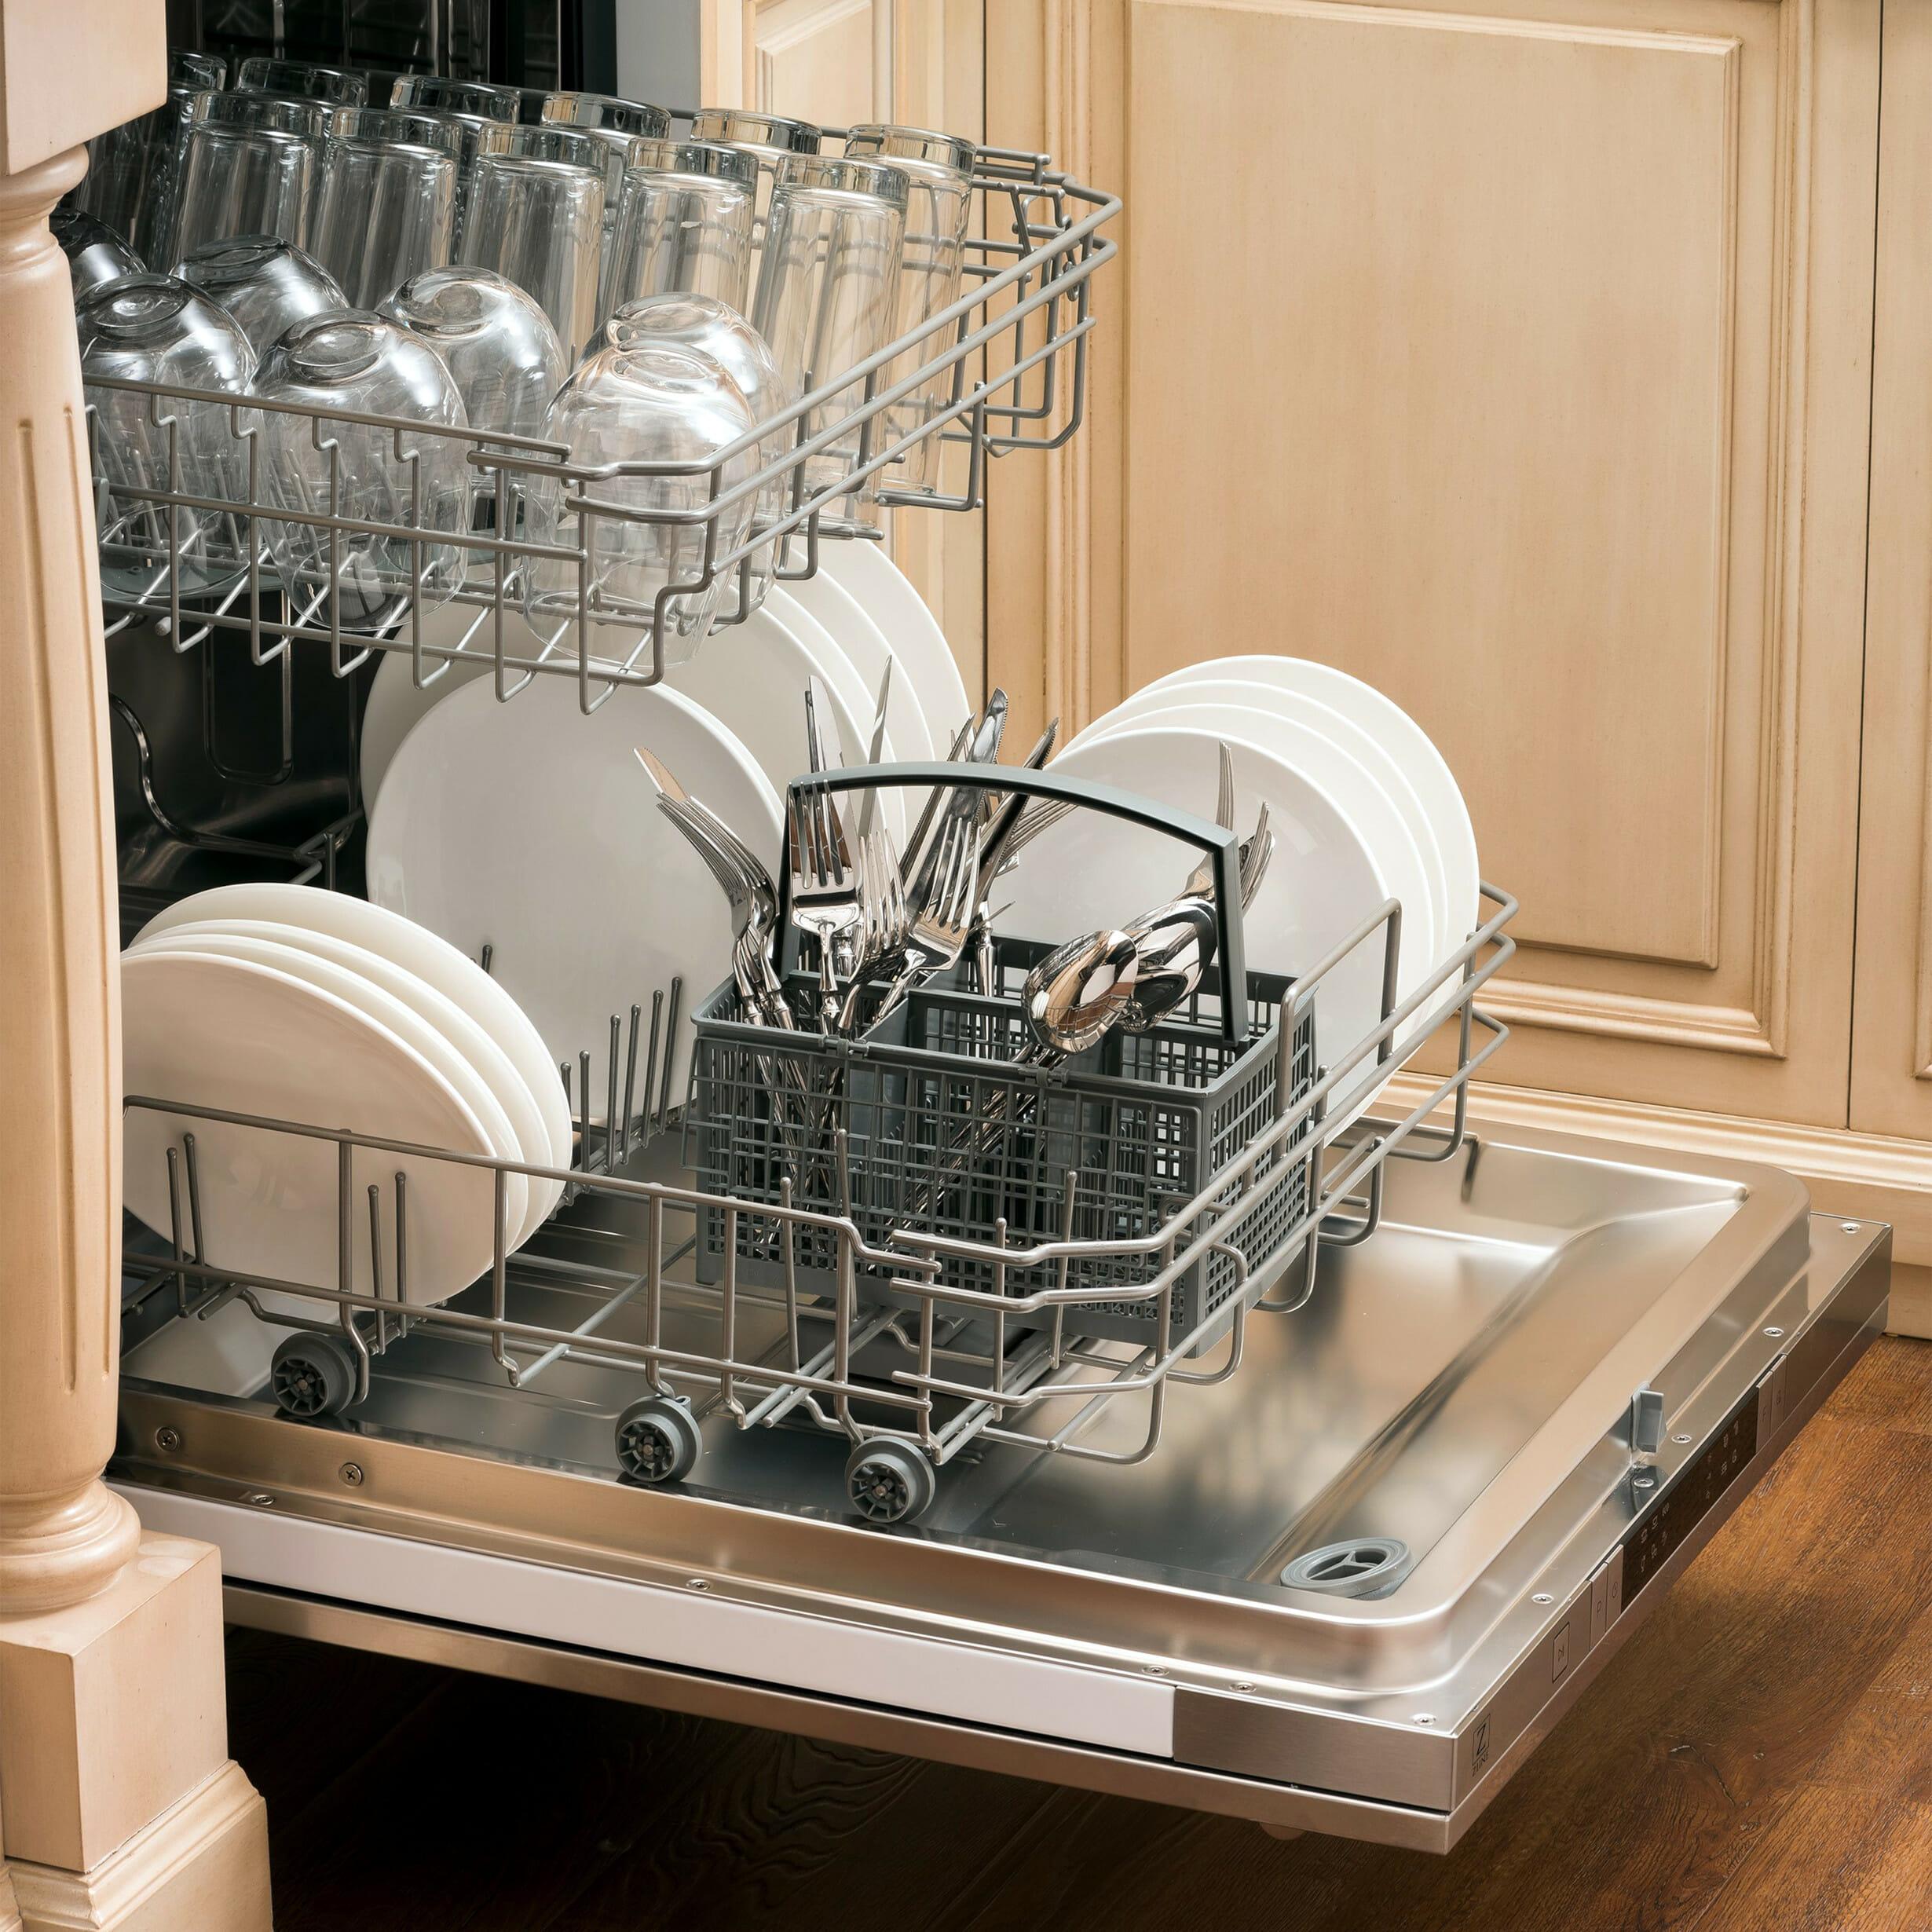 Установка посудомоечной машины в фальшь-стене из гипсокартона